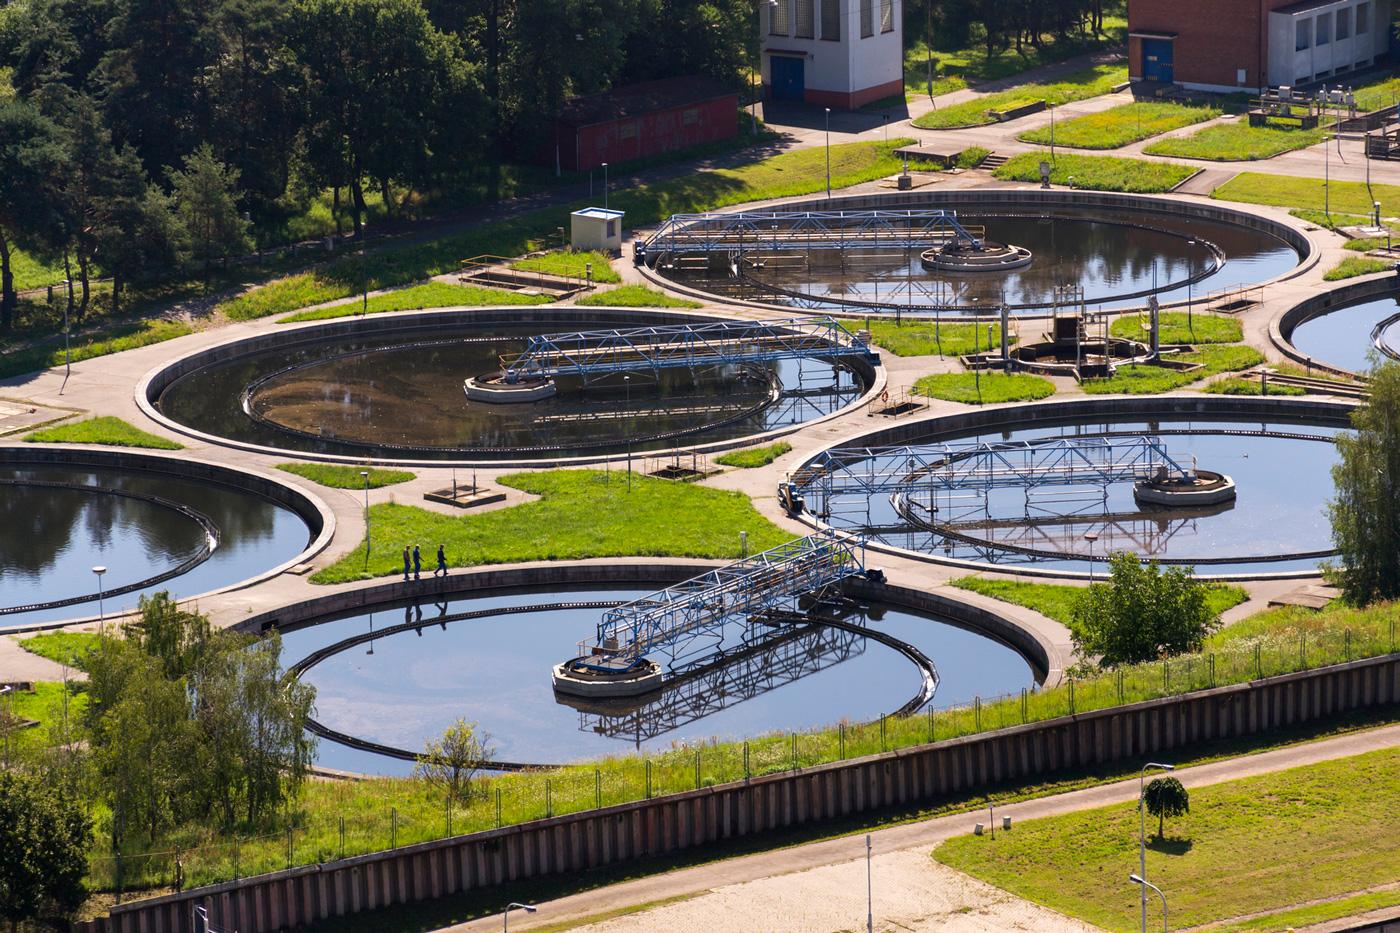 Aqua Assist Reduces Solids at 5 MGD Treatment Plant